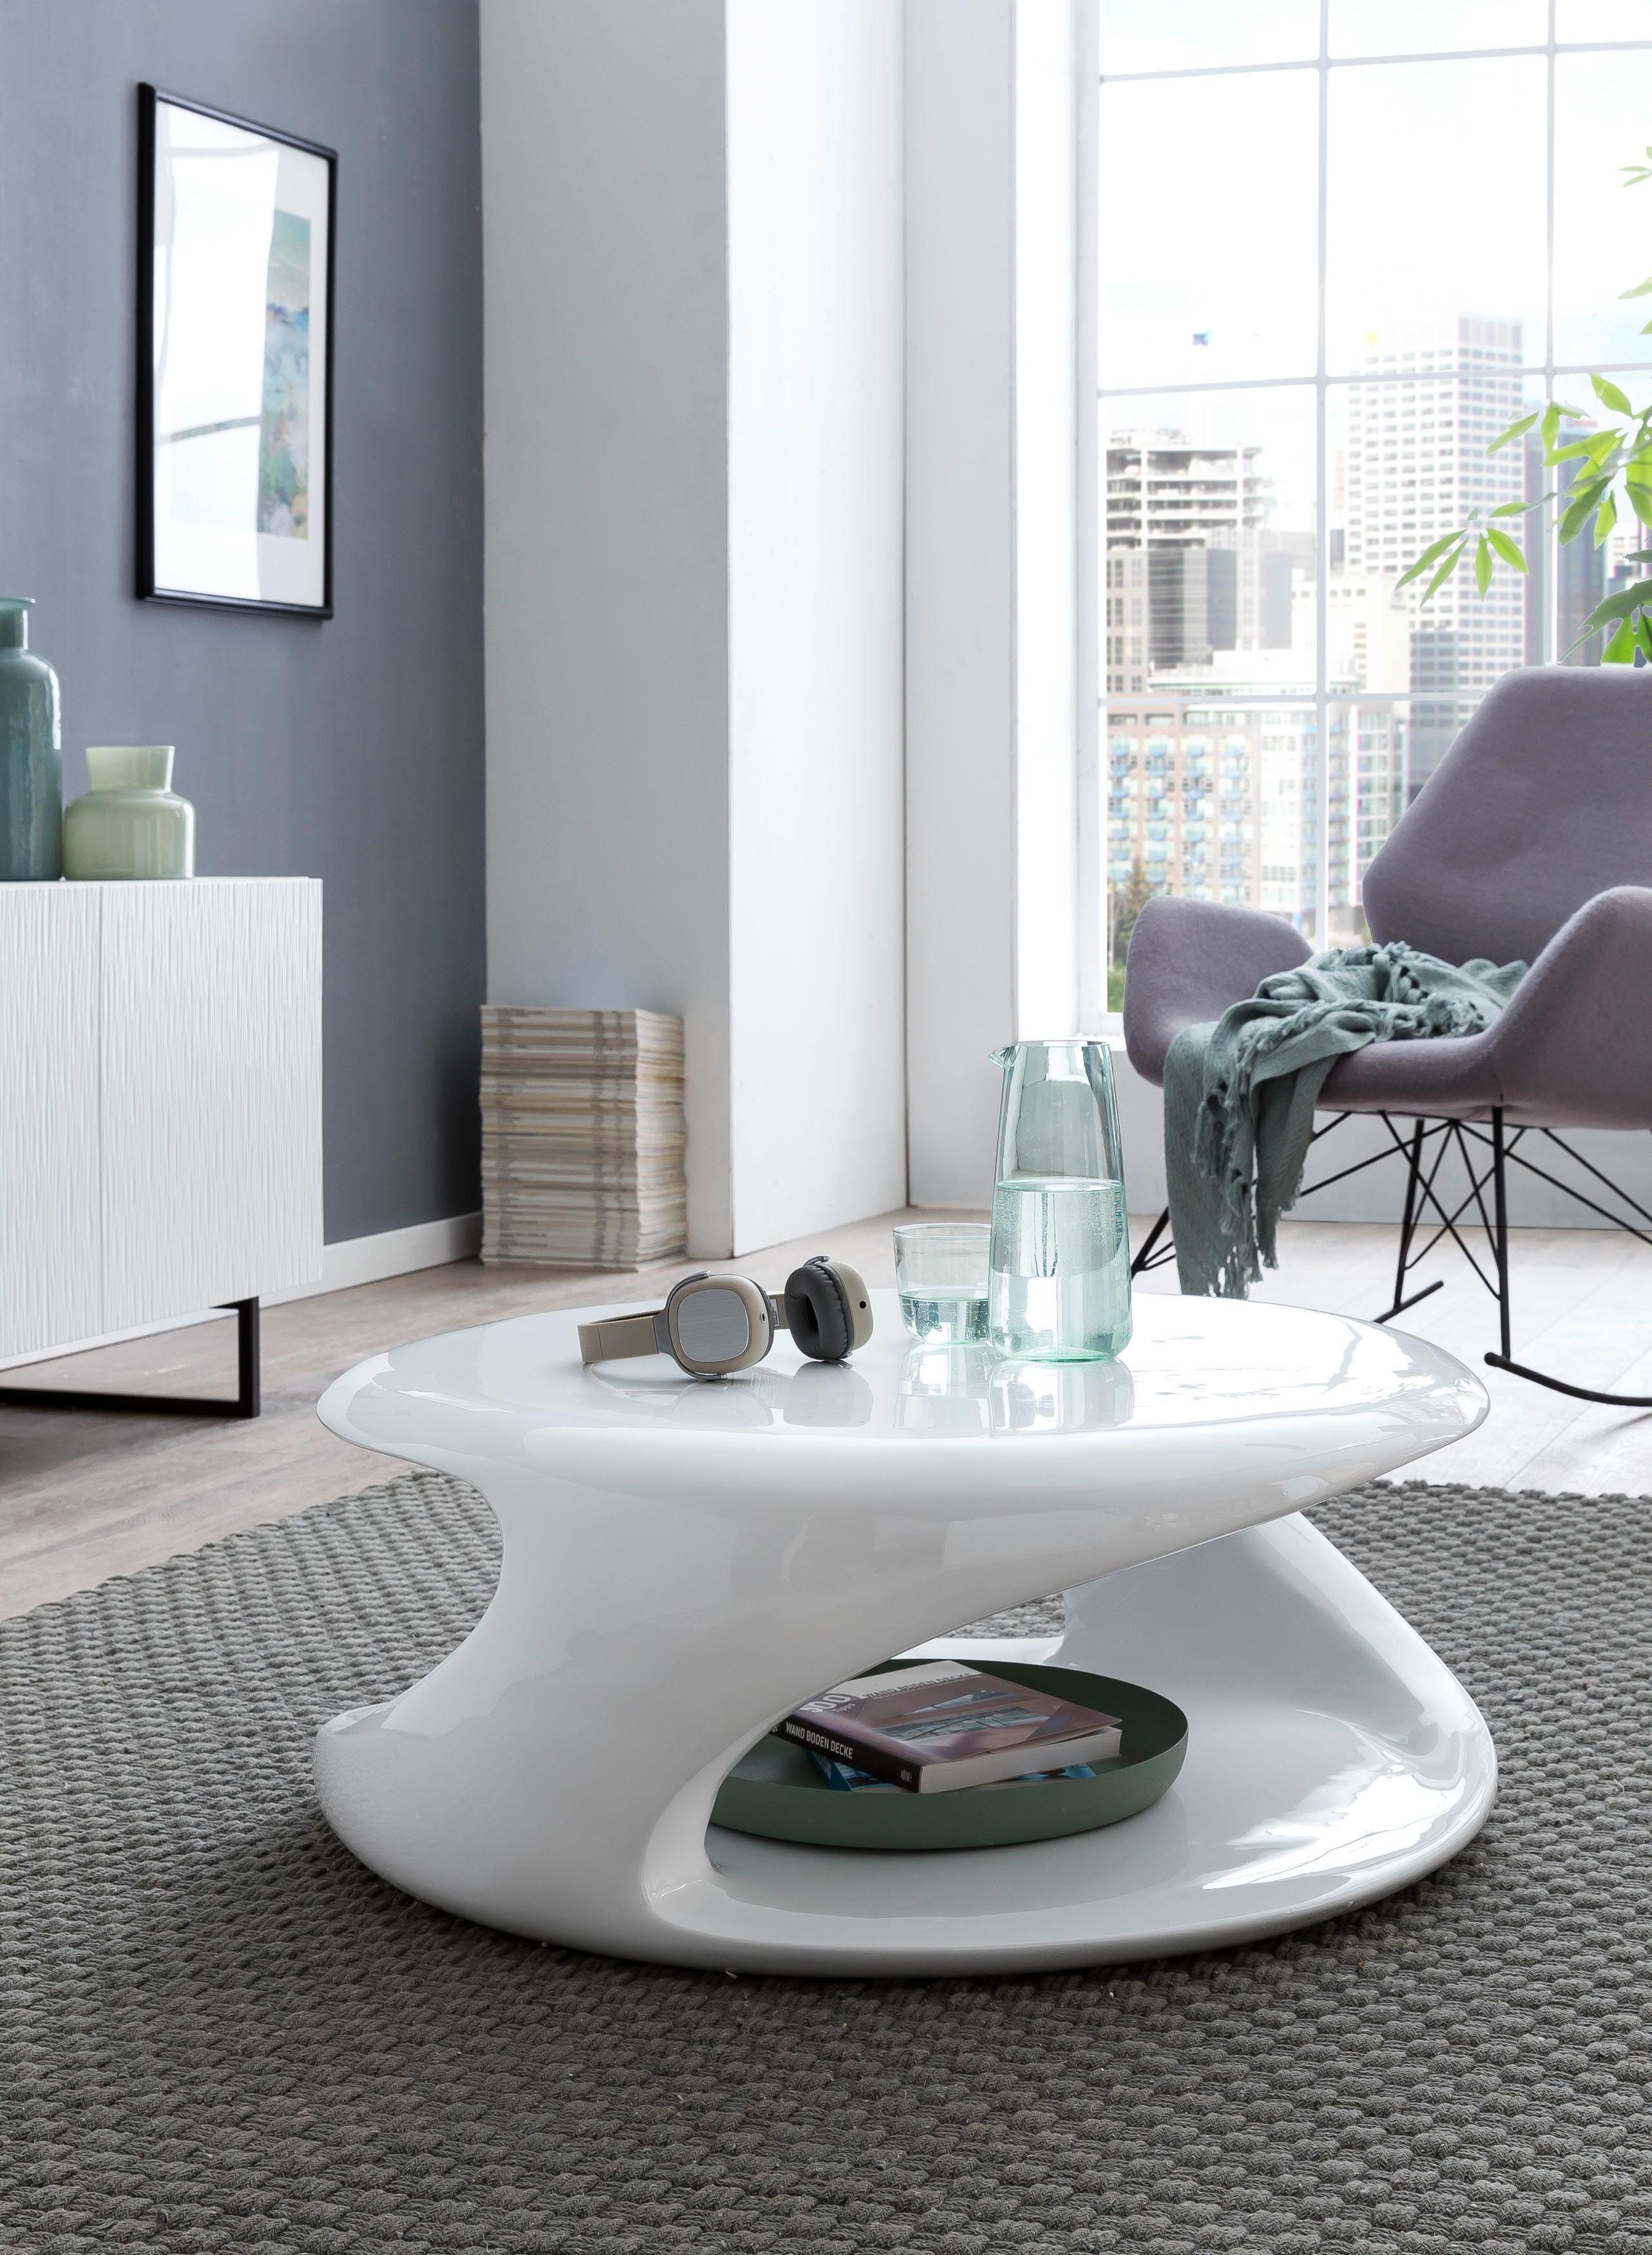 Couchtisch Rund Marmor Otto : couchtisch, marmor, Couchtisch, Online, Kaufen